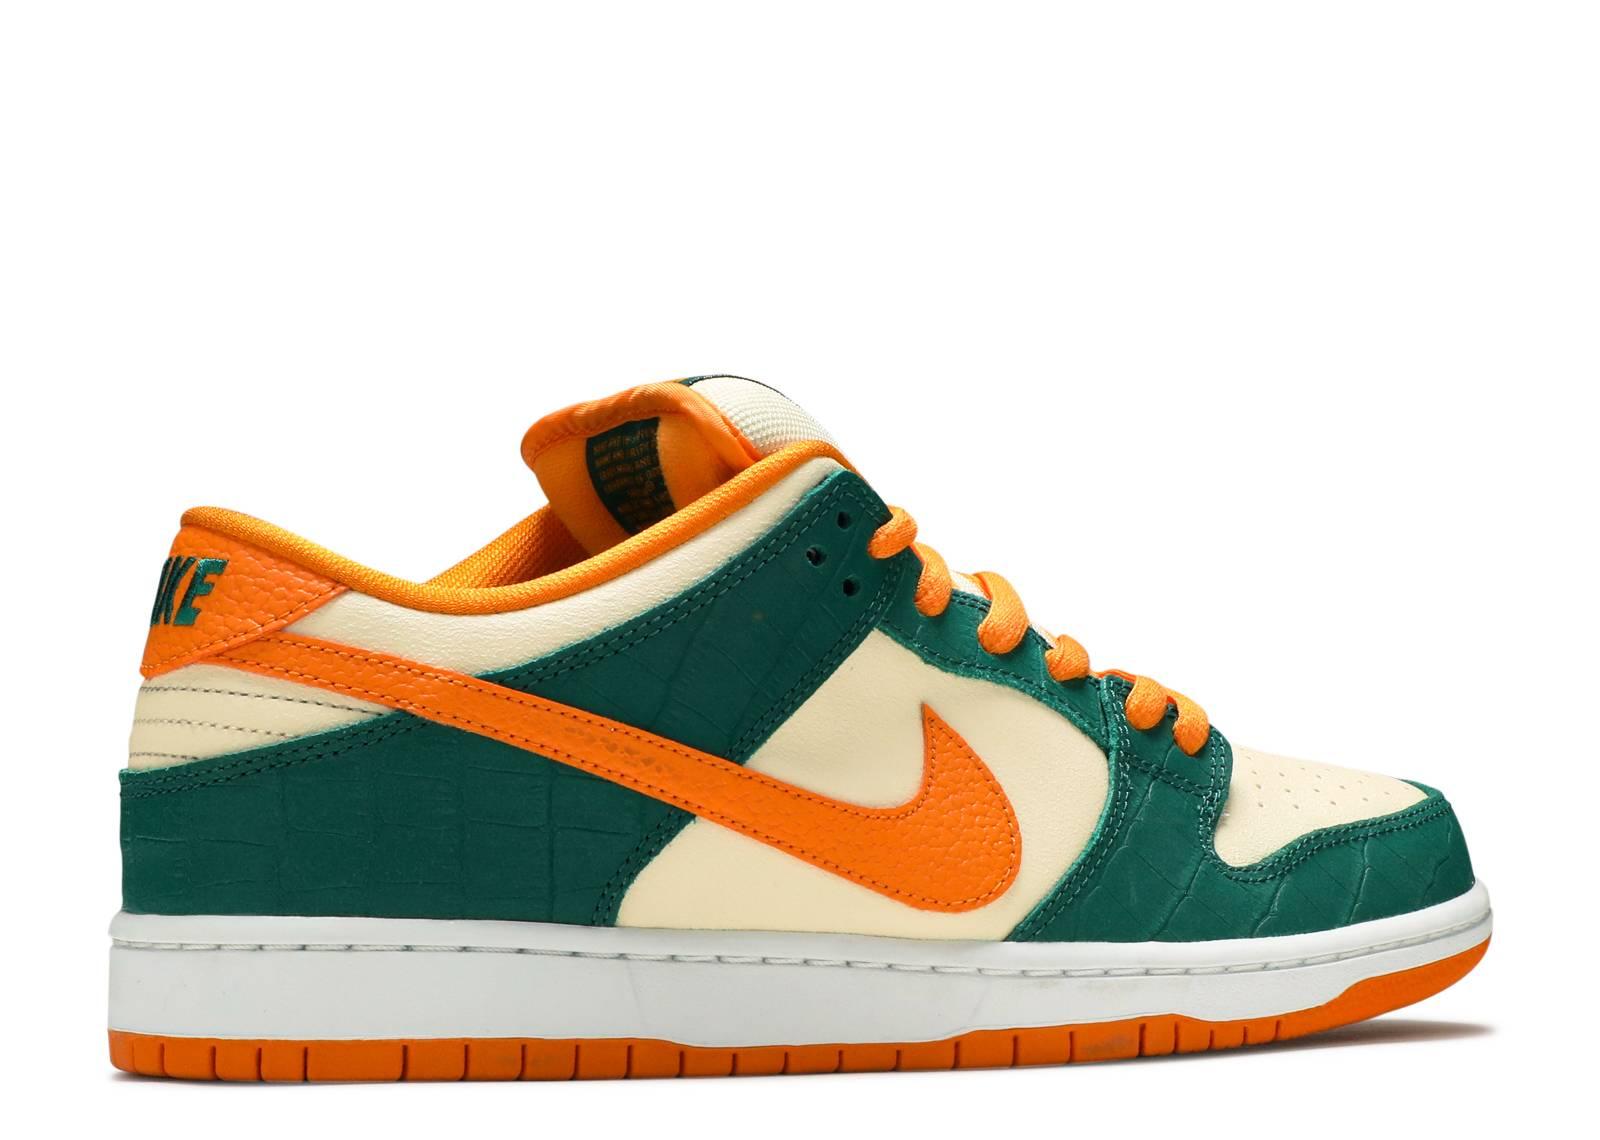 best website 6a87f 0412a Nike Dunk Low SB Legion Pine Kumquat - Jamrocknyc ... ... dunk low pro sb  ...